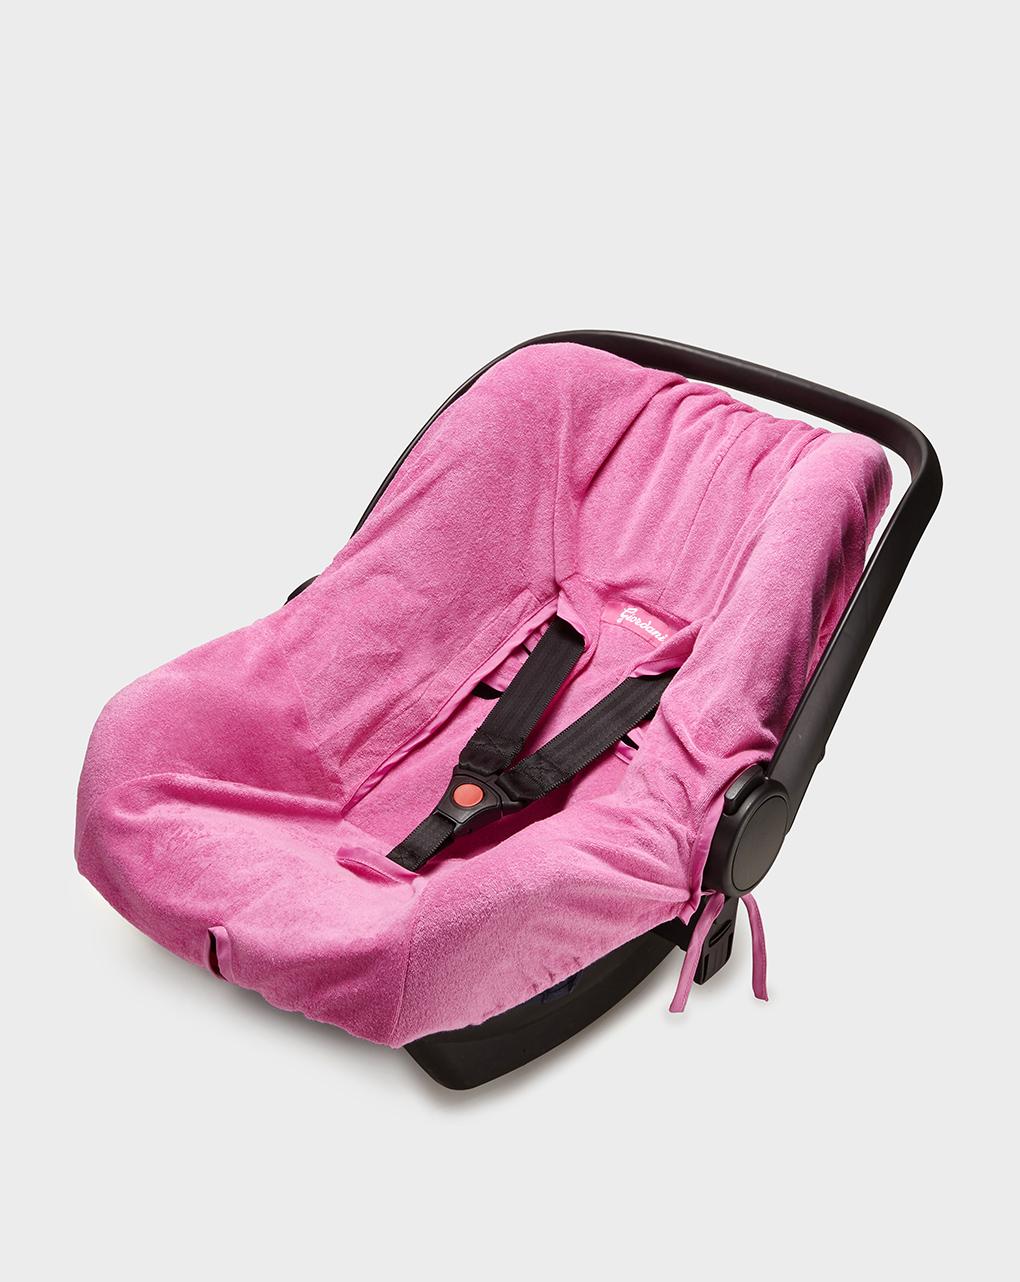 Capa para assento de carro em esponja rosa gr. 0 + - Giordani